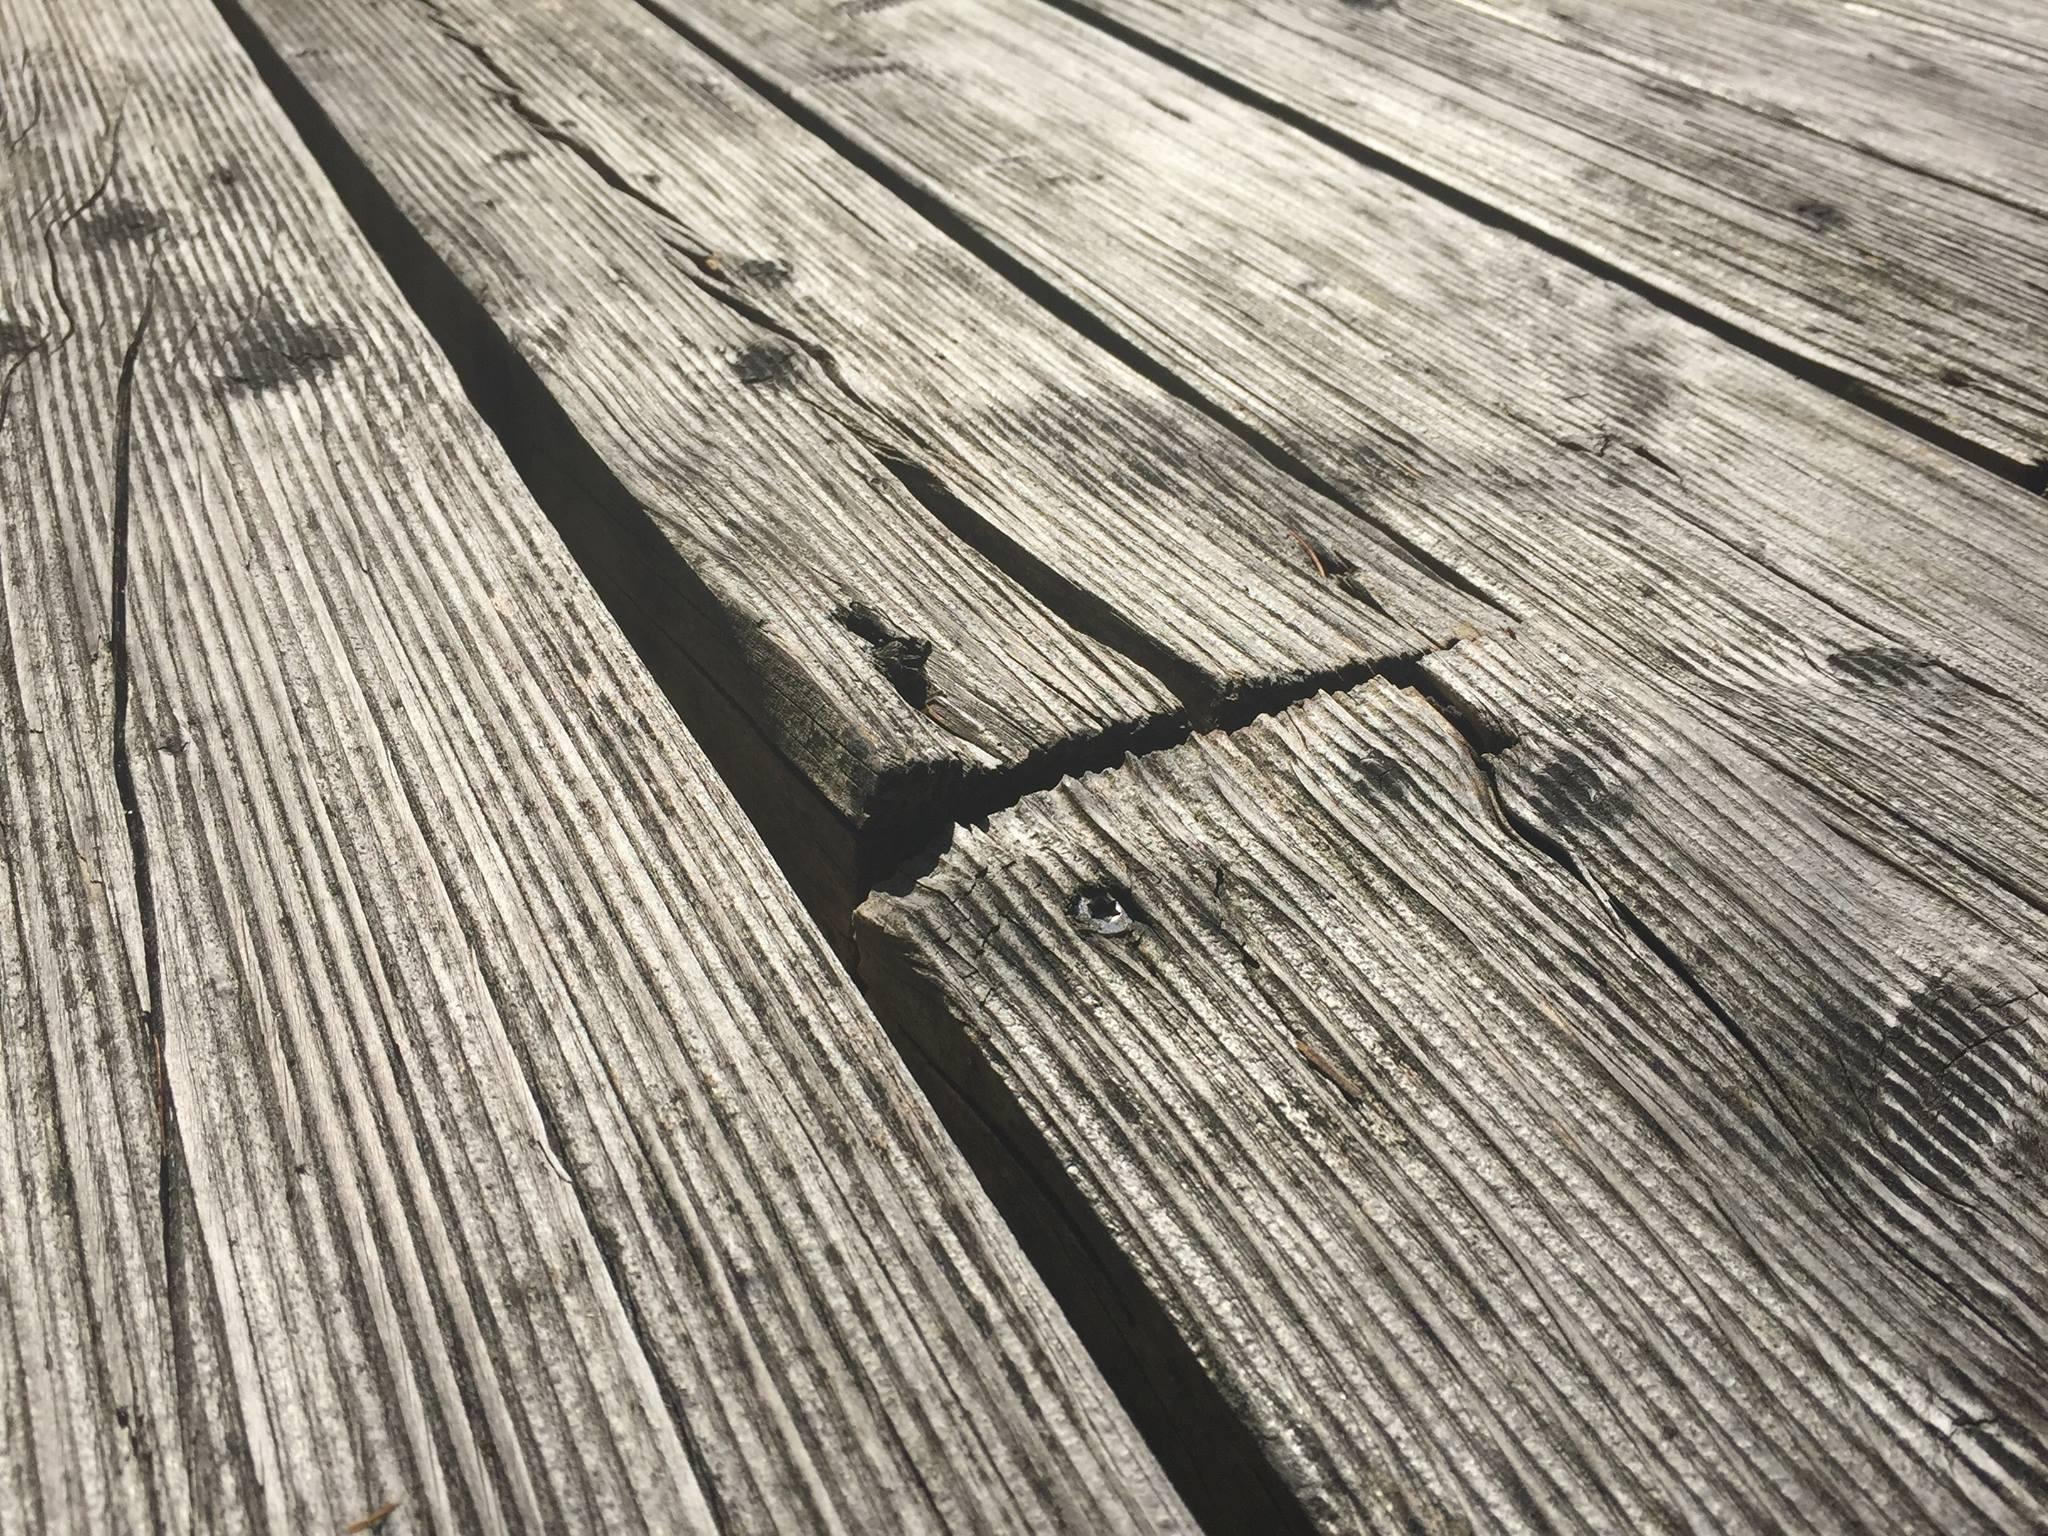 Holzterrasse Lärche von oben verschraubt